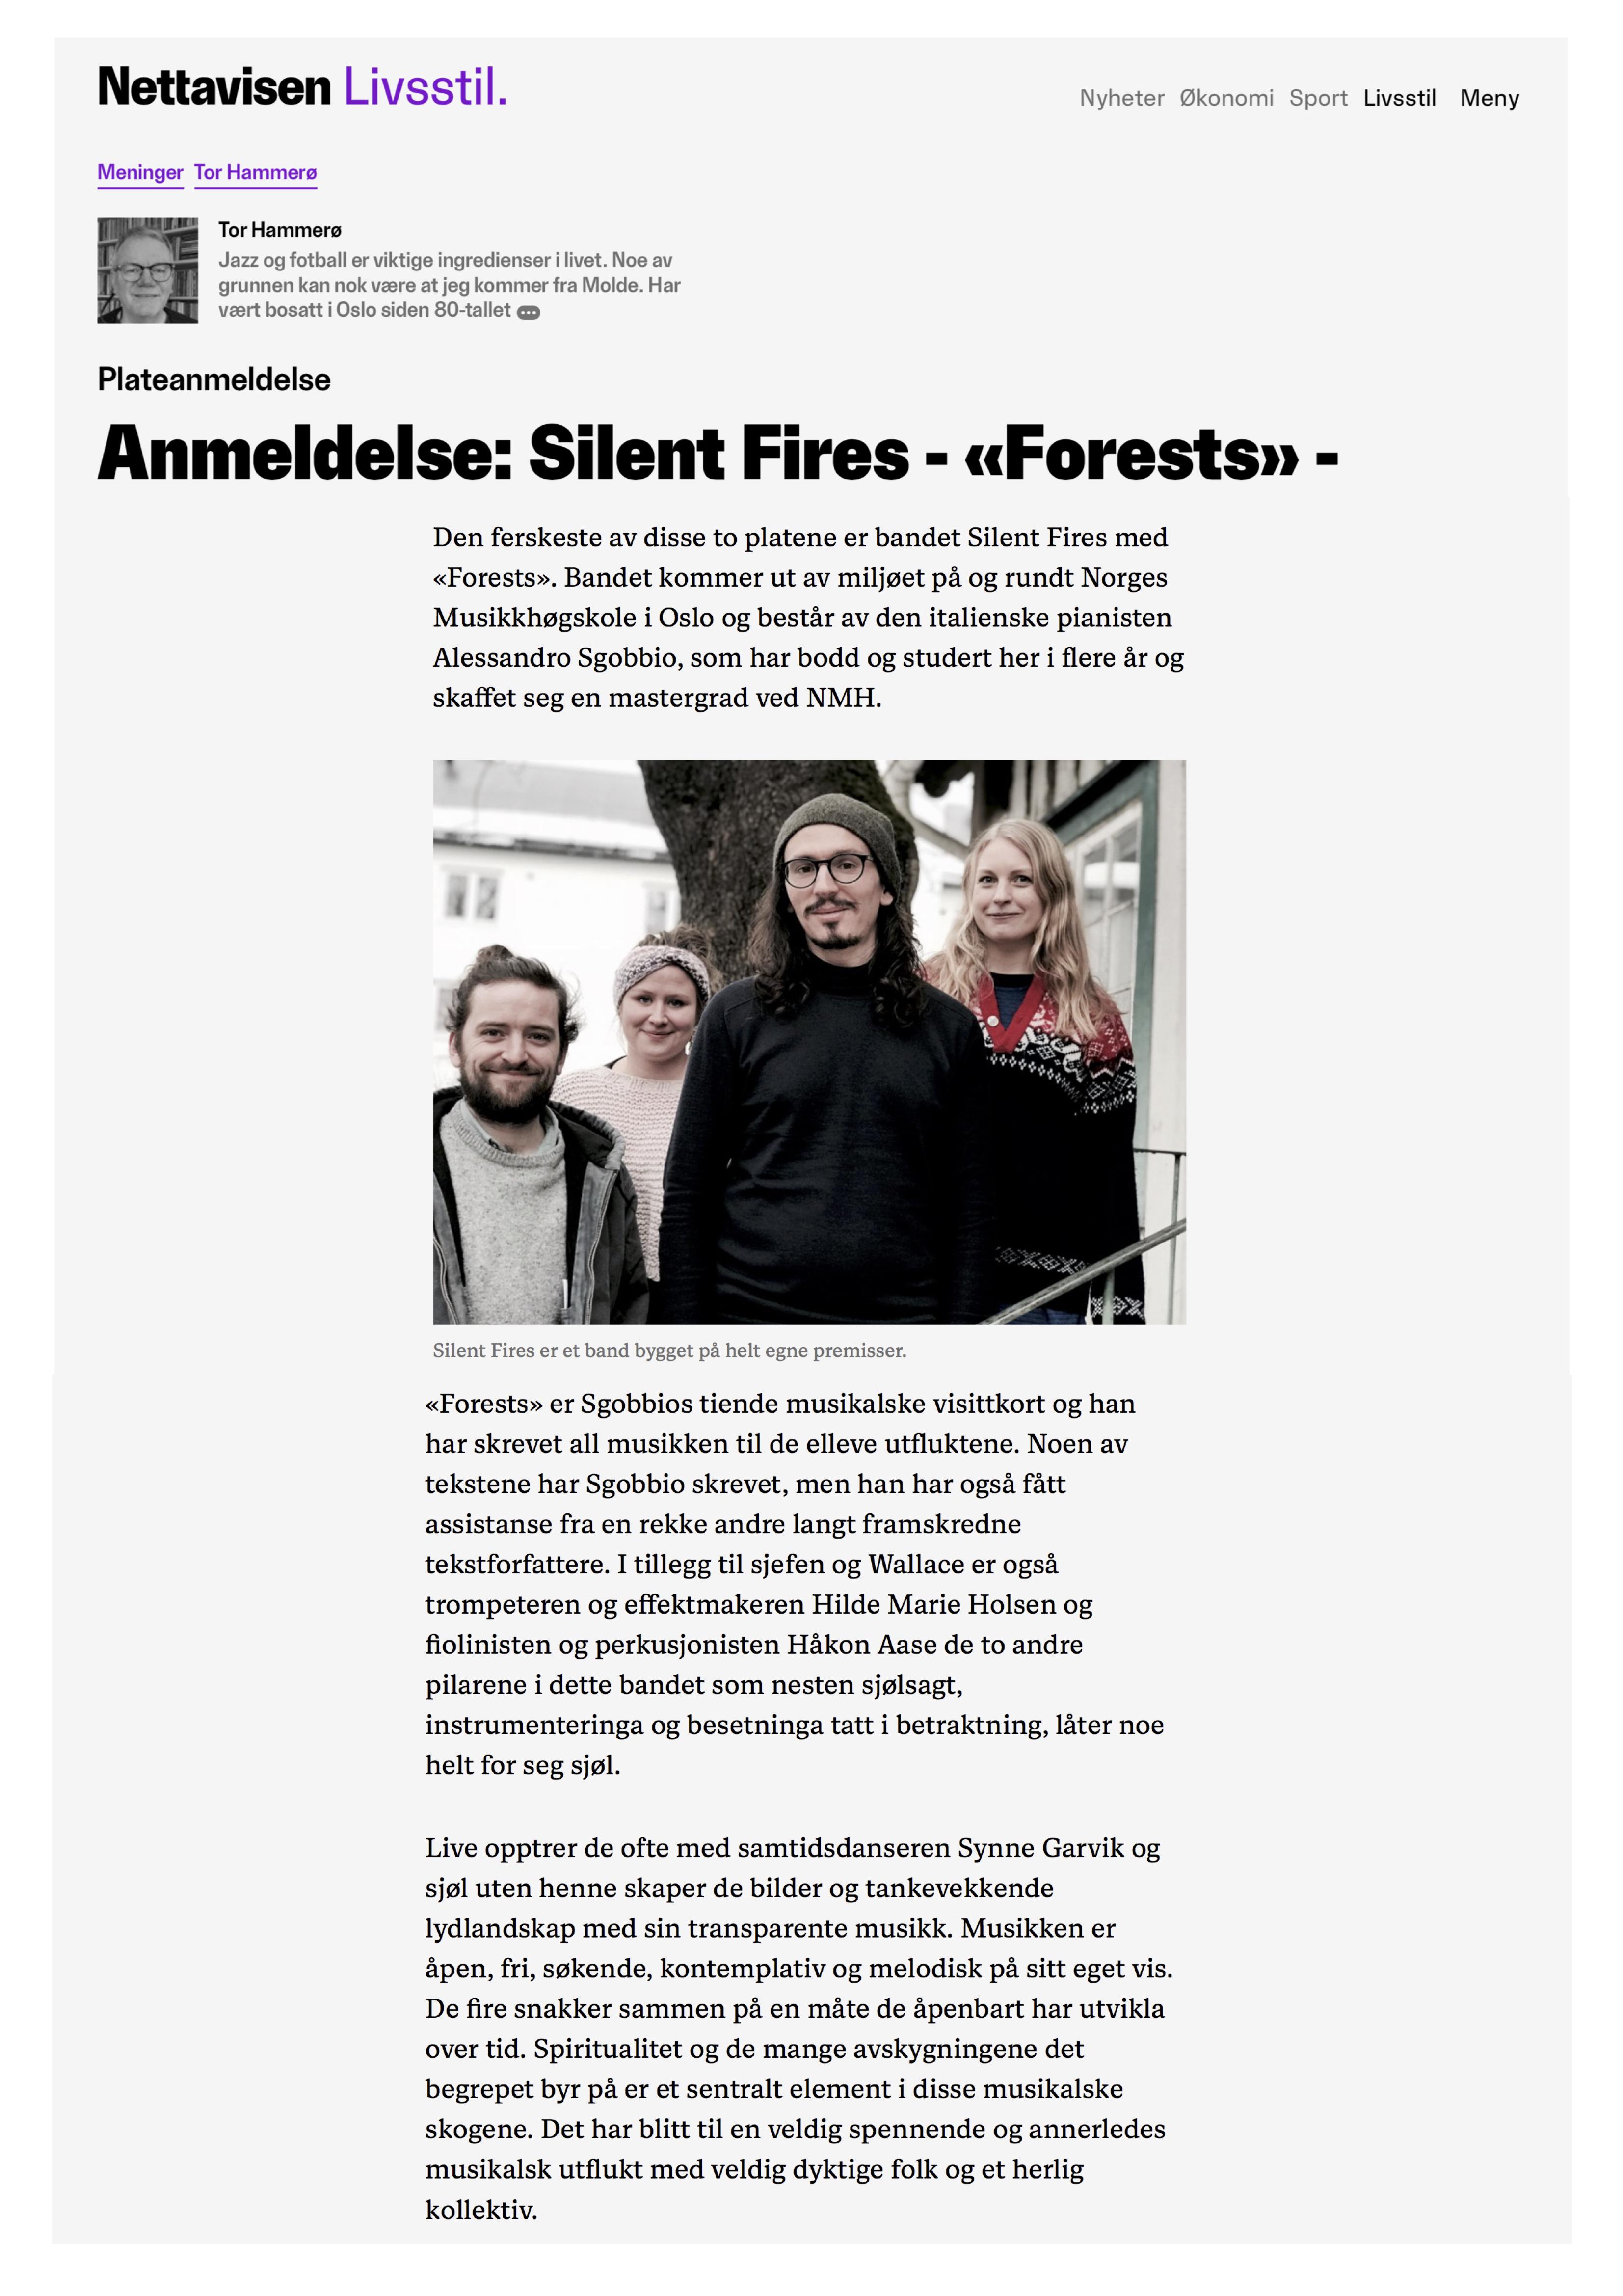 Forests - Nettavisen (25.12.19)